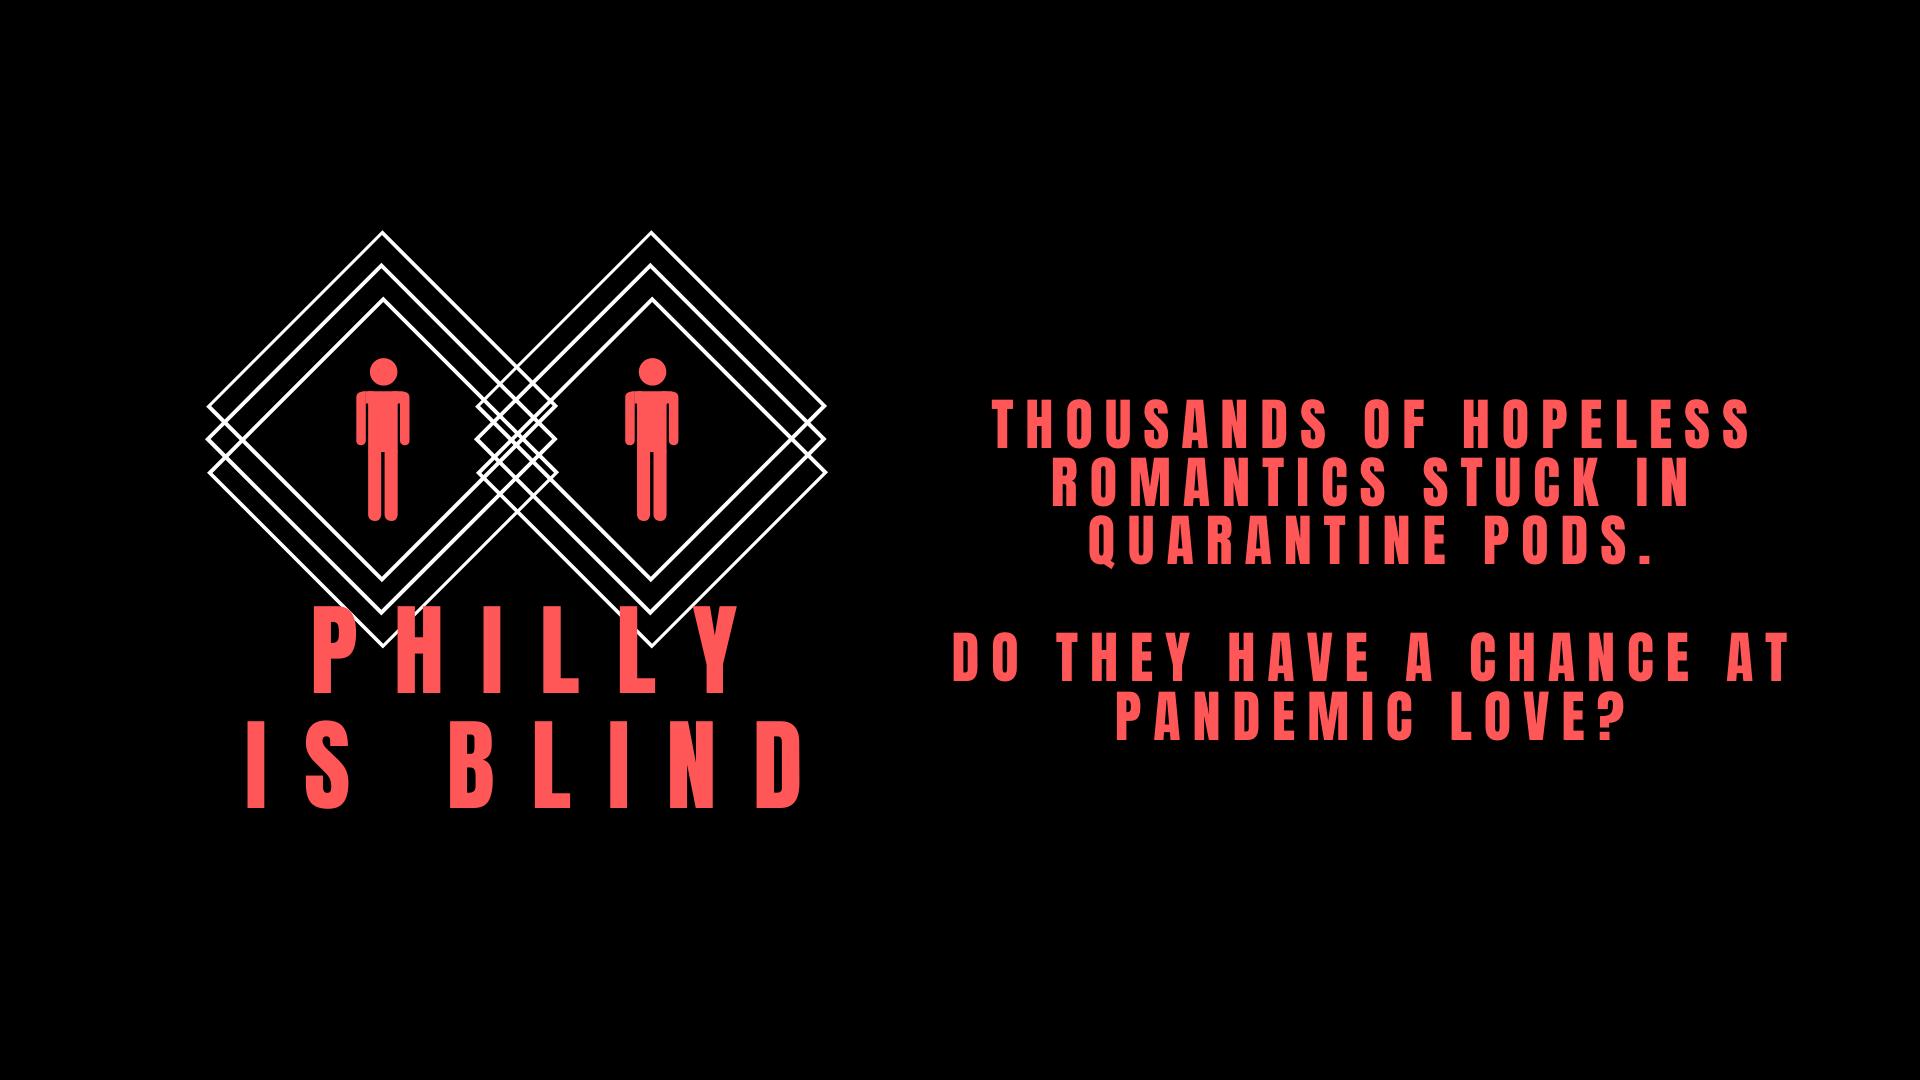 PHILADELPHIA IS BLIND